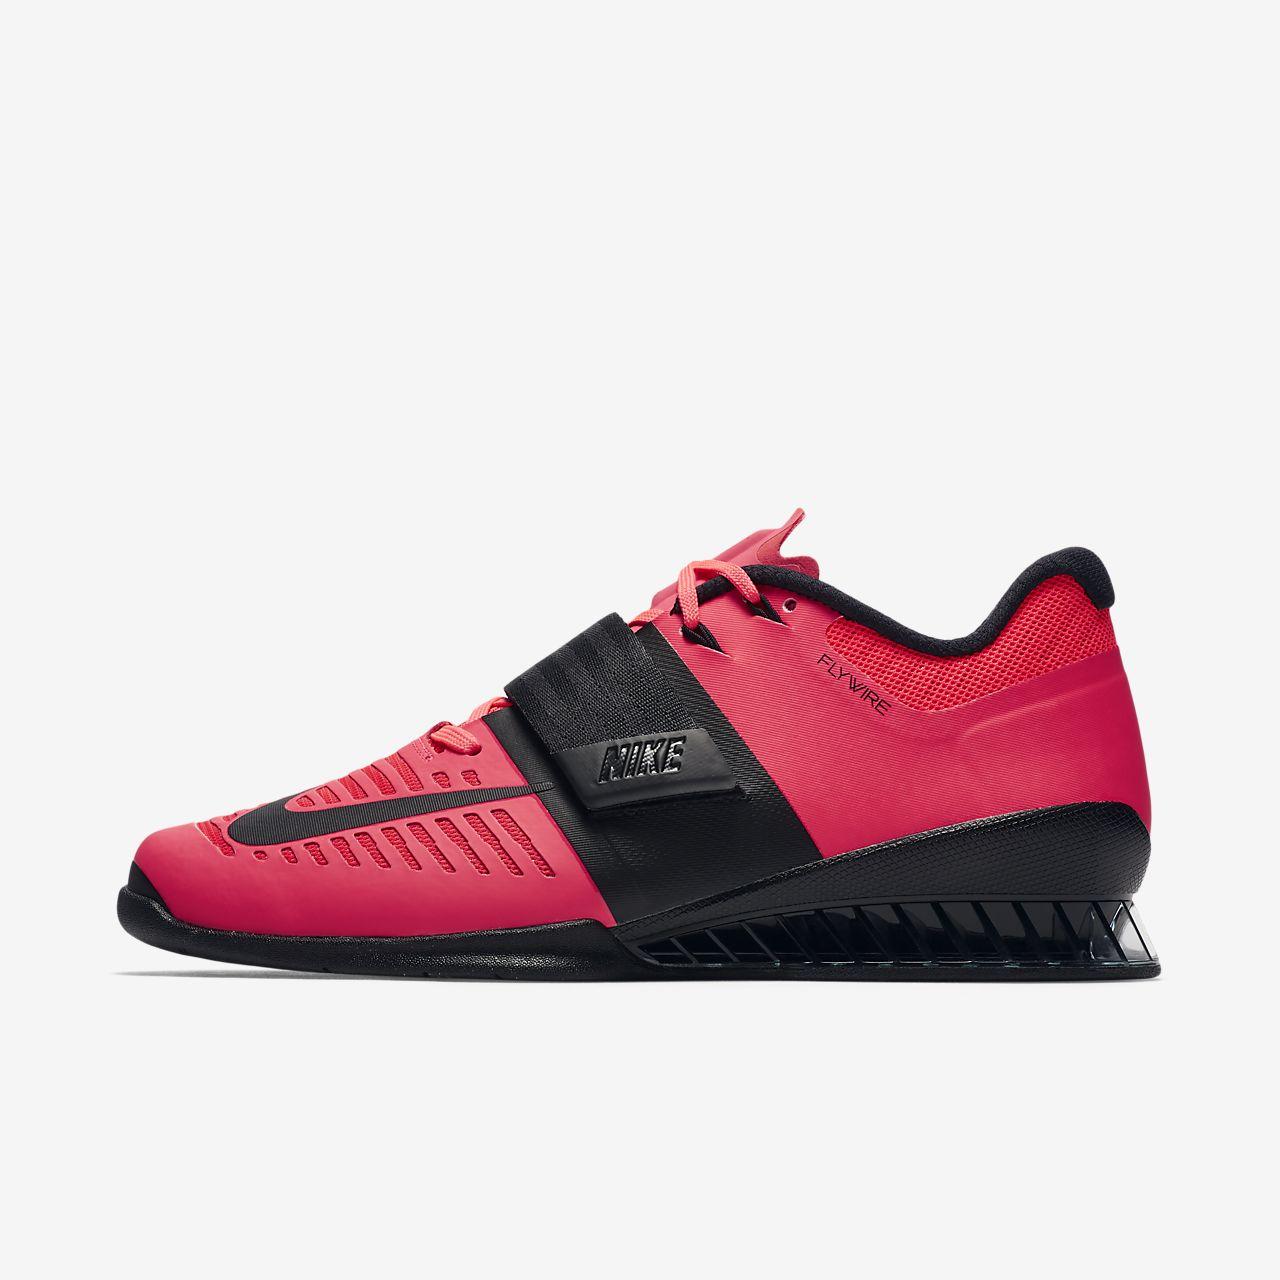 Nike Romaleos 3 852933 600 University Red Dark Grey Black White